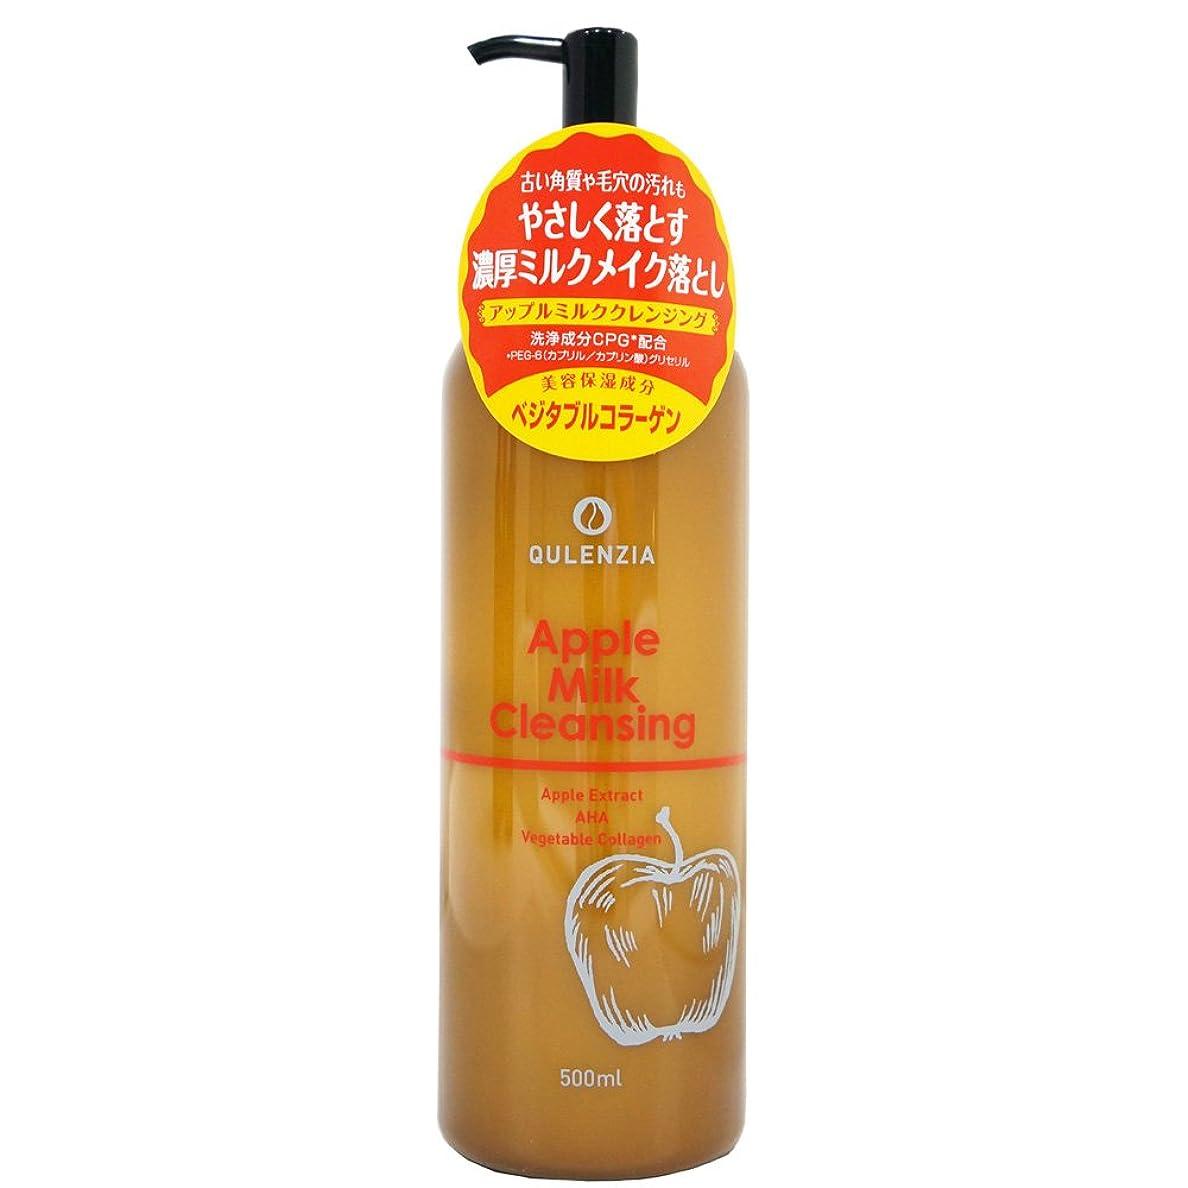 辛い湿気の多い忘れられないクレンジア アップルミルク クレンジング 500ml